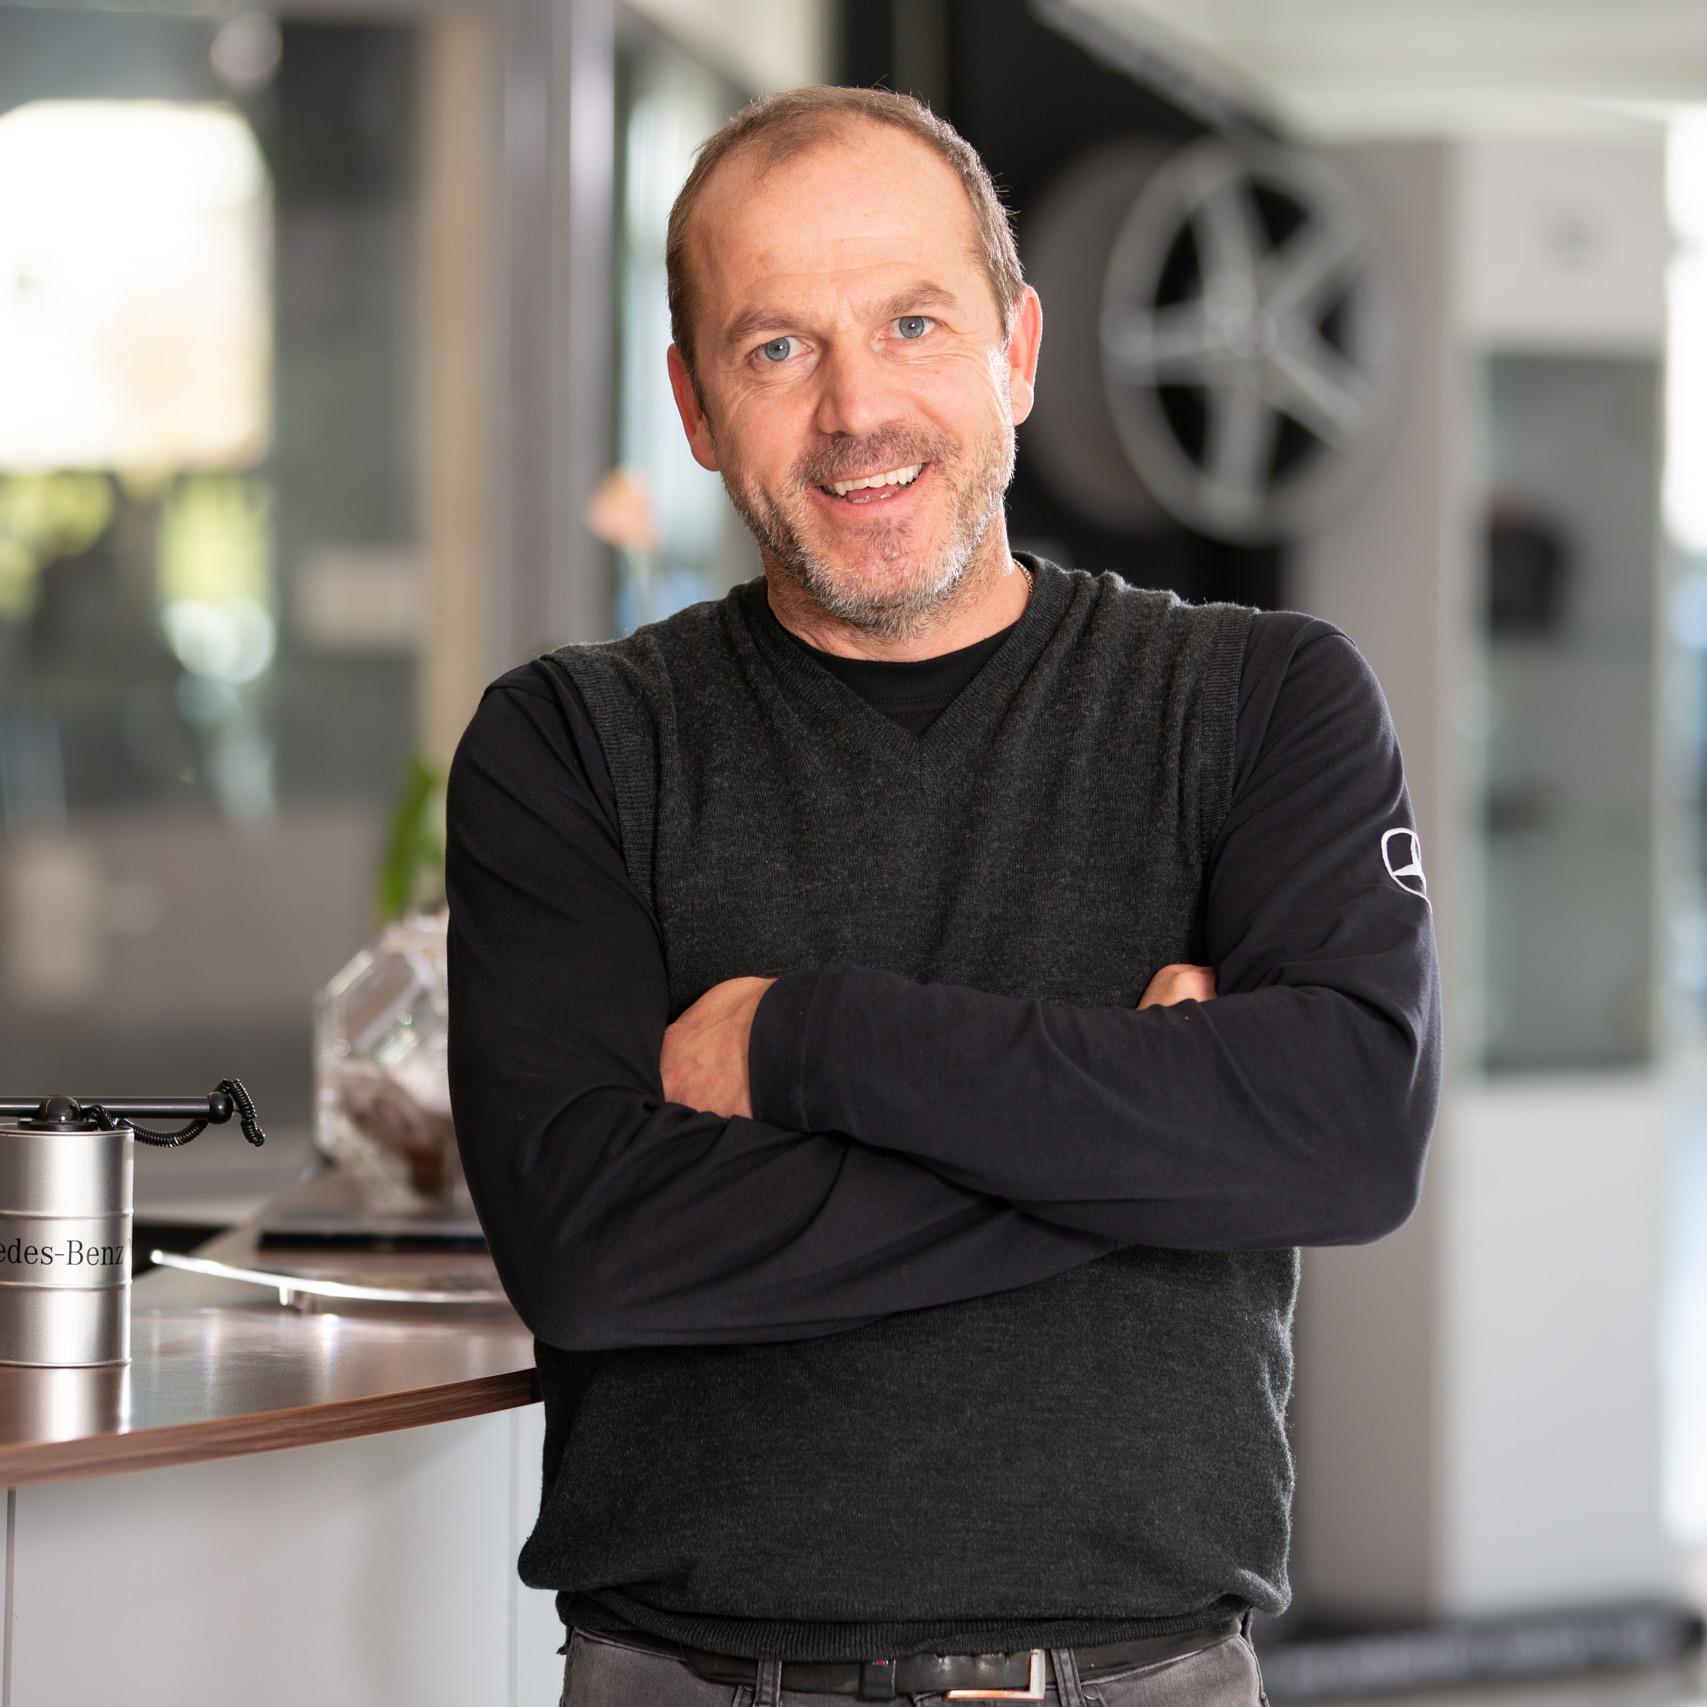 Armin Kohlhuber